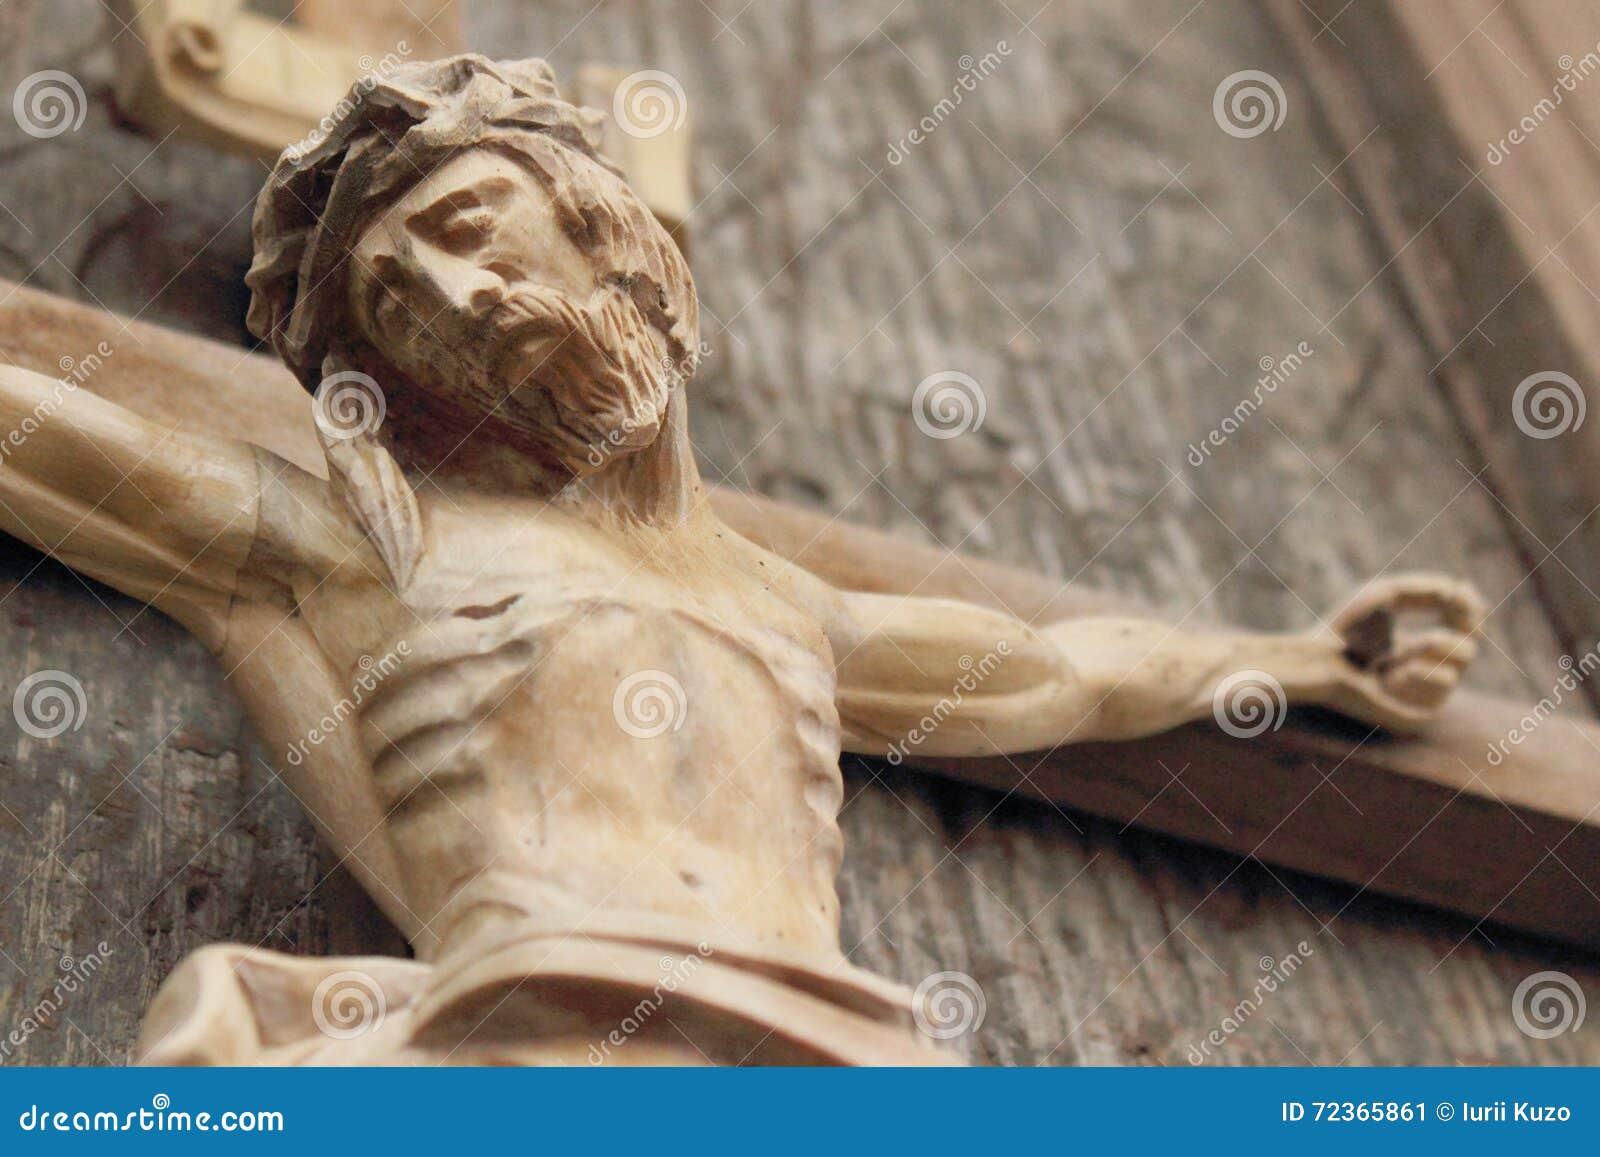 基督在十字架上钉死耶稣